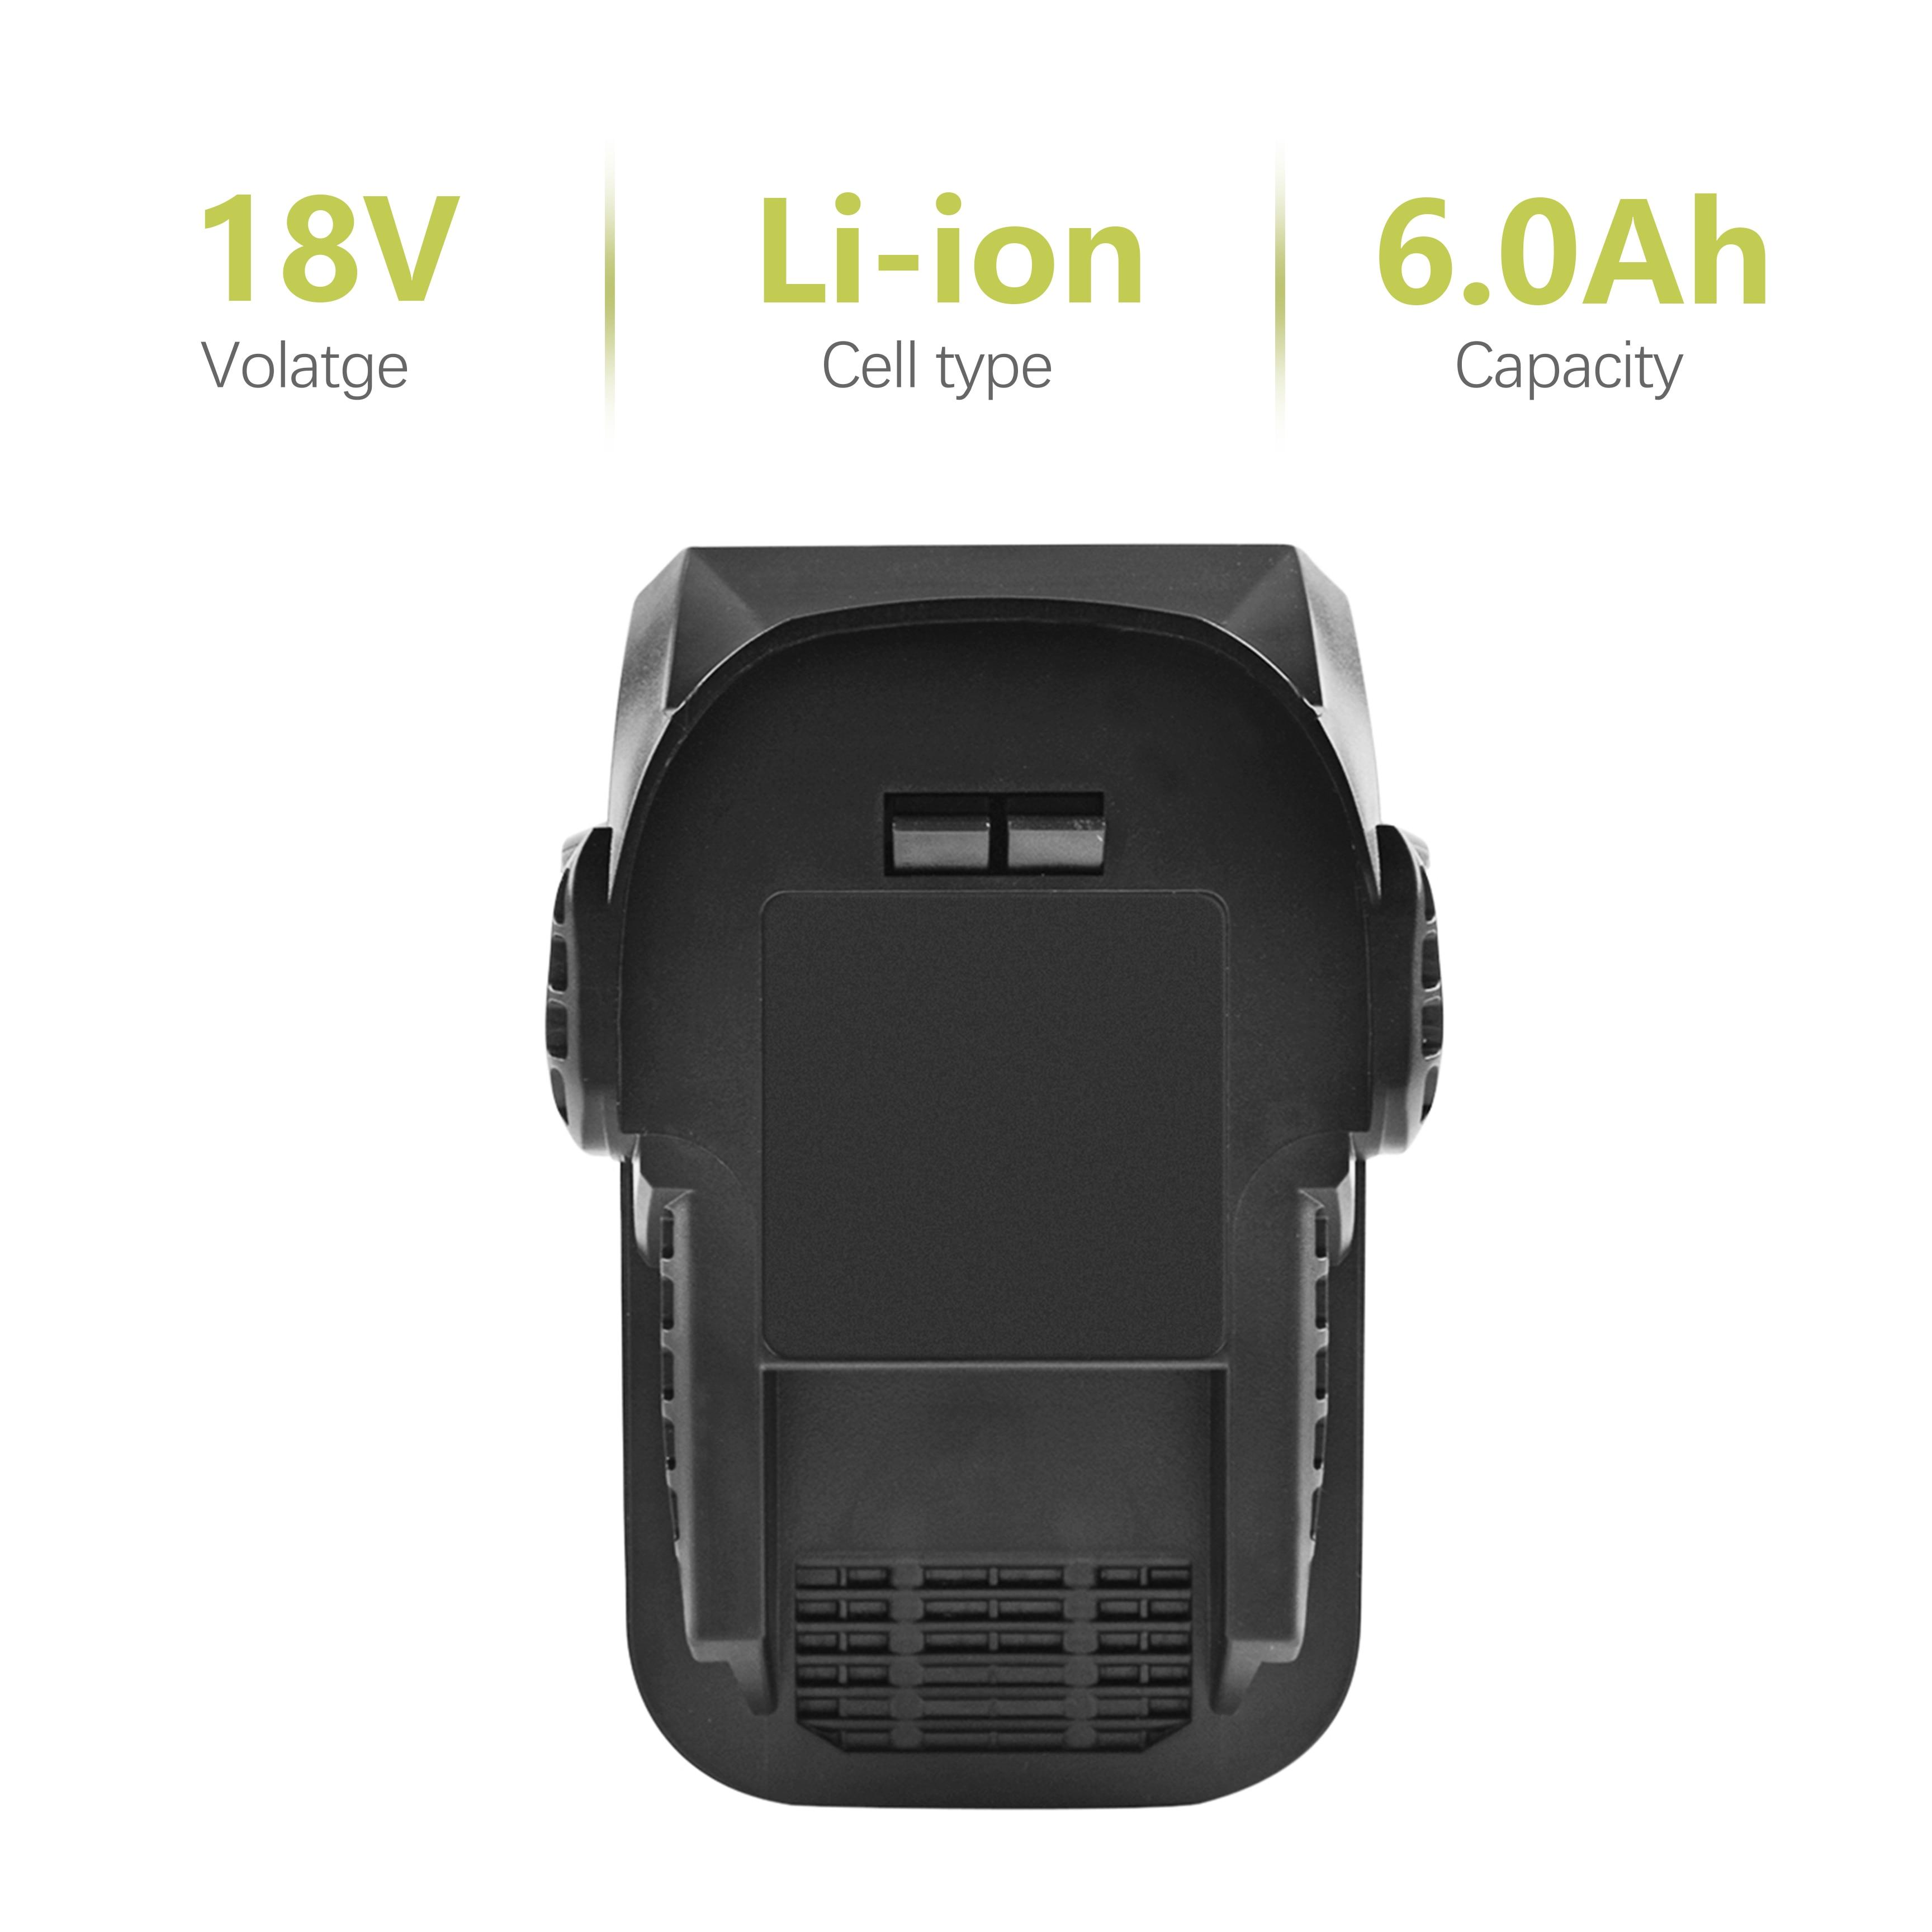 18V 6.0Ah Li-ion R840087 Rechargeable Battery for RIDGID R840083 R840084 R840086 R840087 AC840087 AC840083 AC840084 L10 труборез ridgid 23488